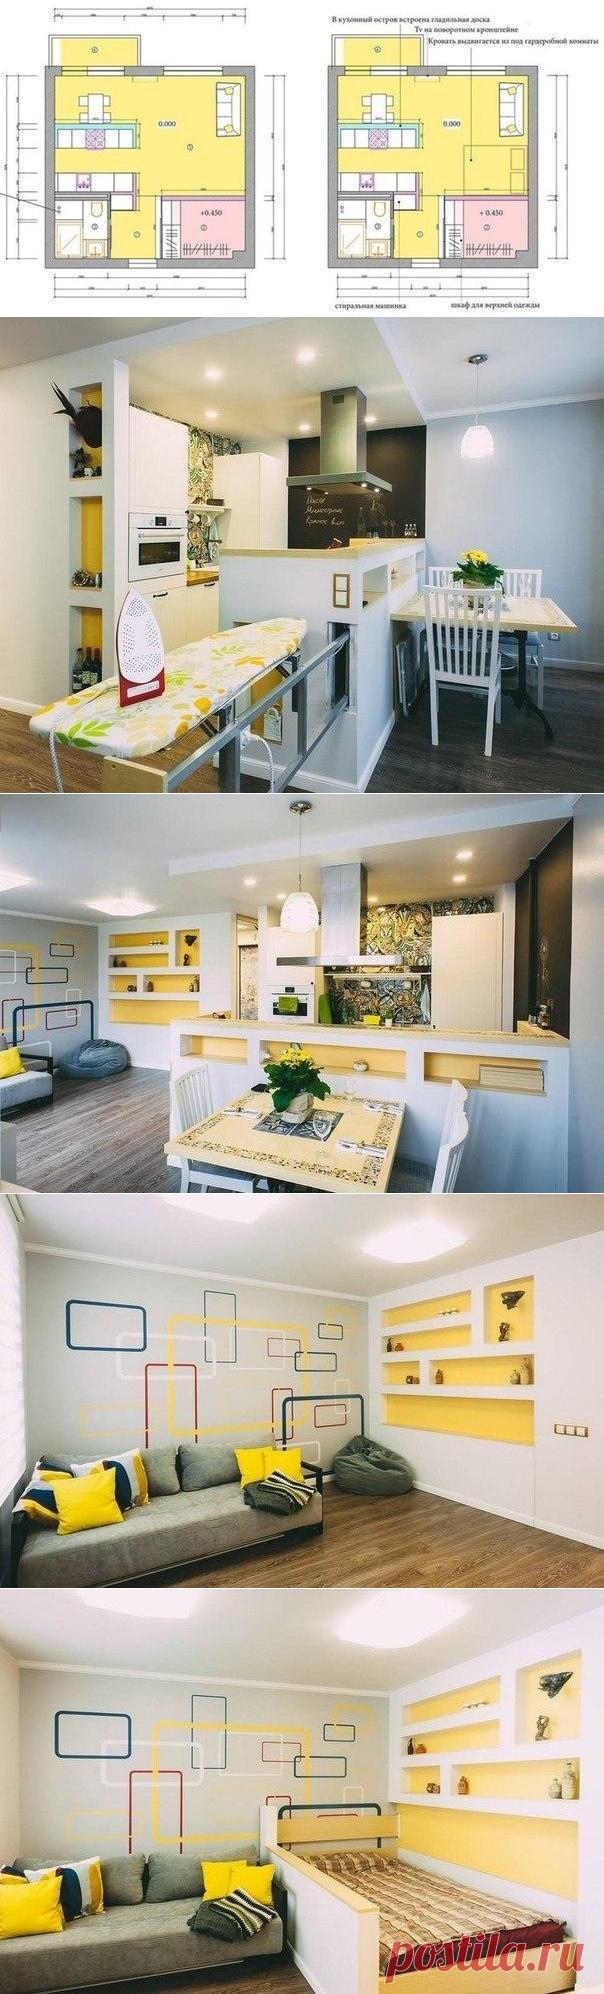 Квартира в 33 кв.м. - Дизайн интерьеров | Идеи вашего дома | Lodgers